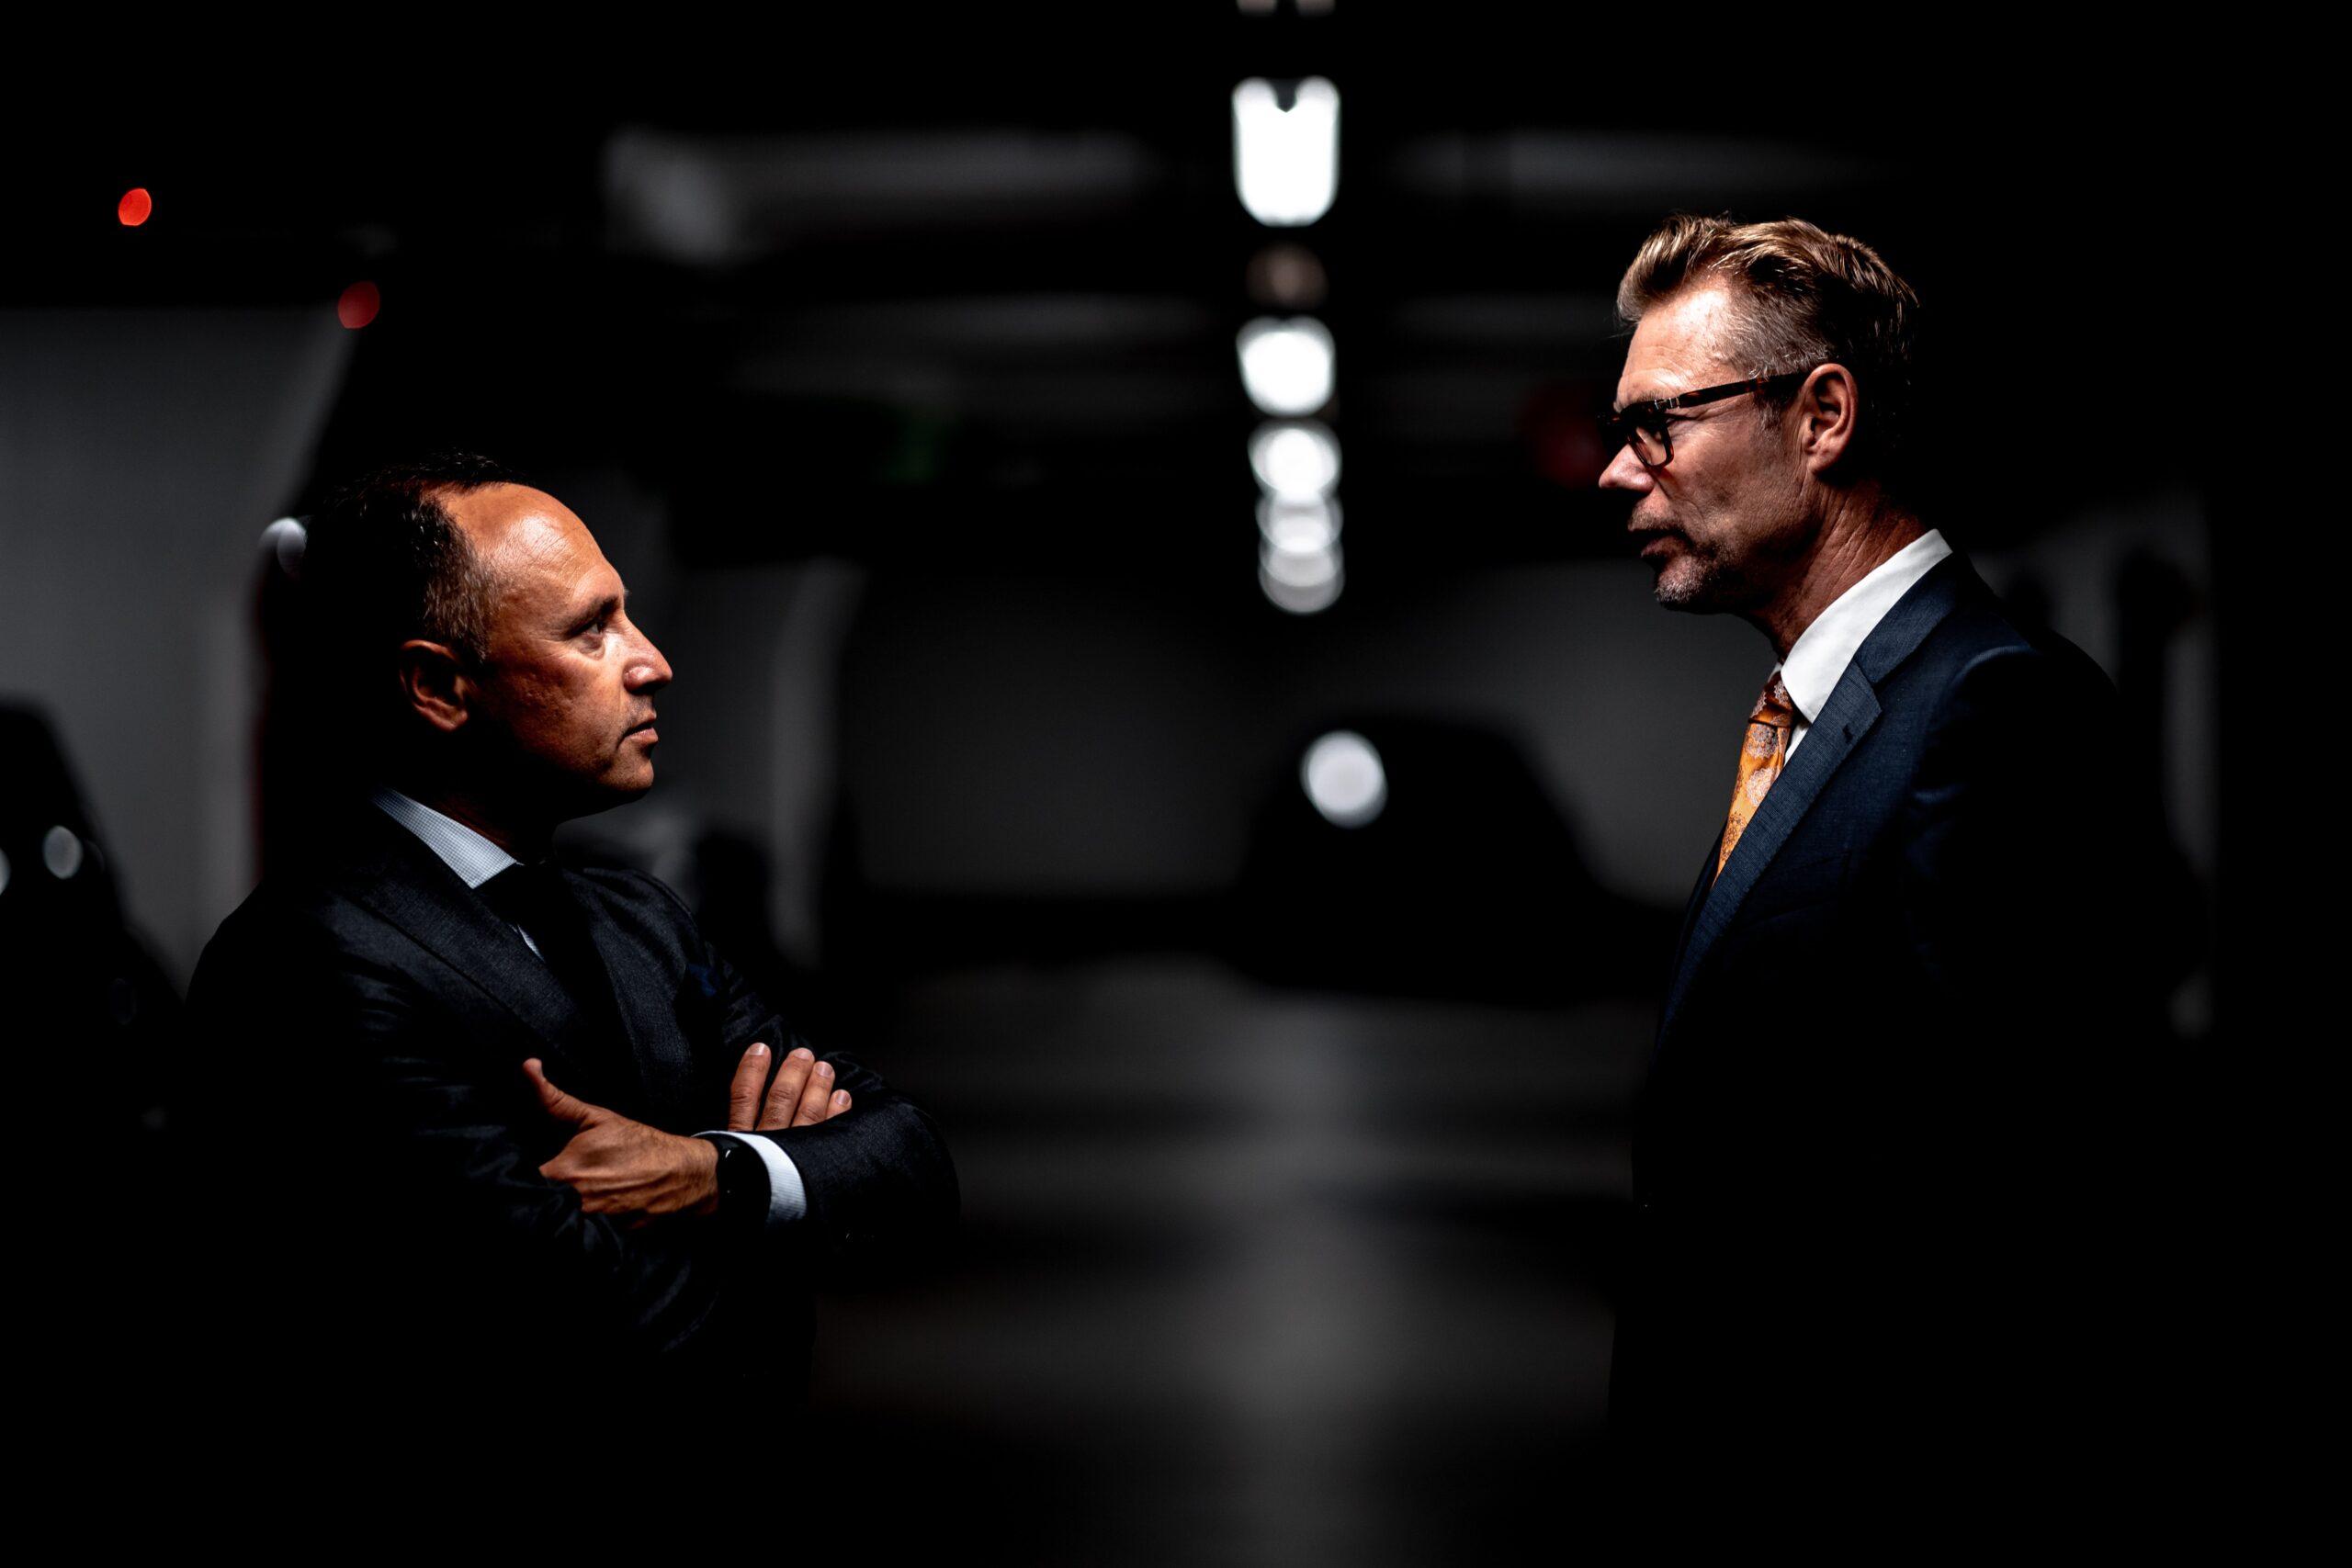 Gestire i conflitti in azienda : come reagire ai conflitti aziendali